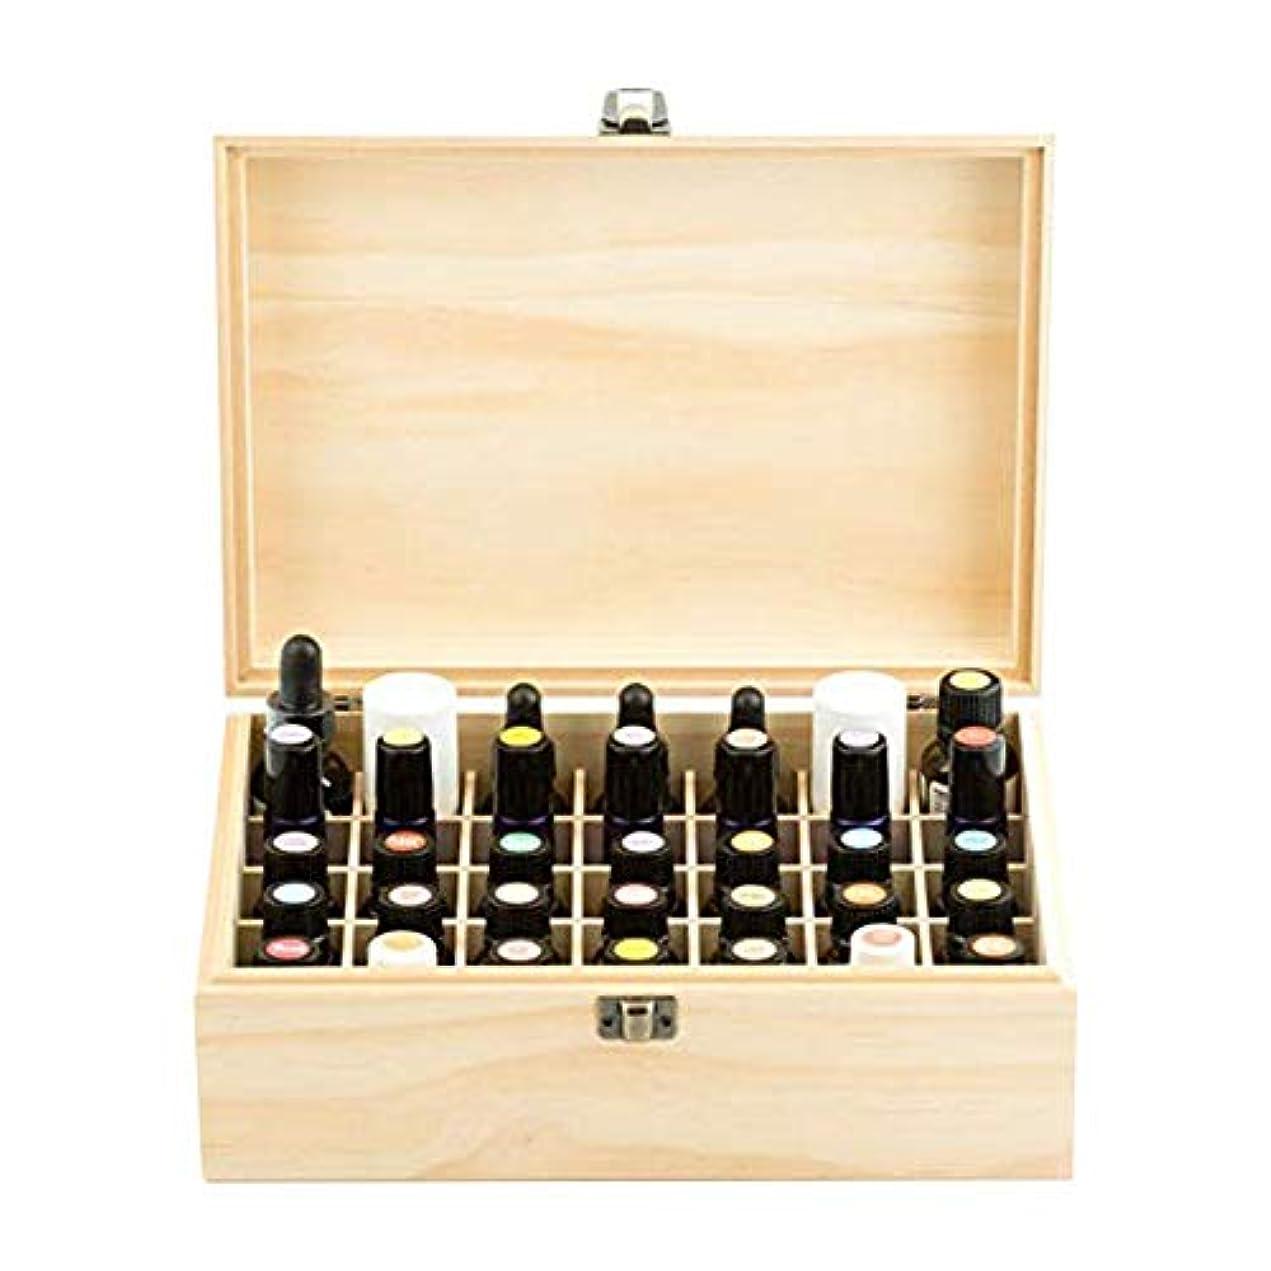 悲劇的なハイブリッド不良品エッセンシャルオイル収納ボックス 純木の精油の収納箱 香水収納ケース アロマオイル収納ボックス 35本用